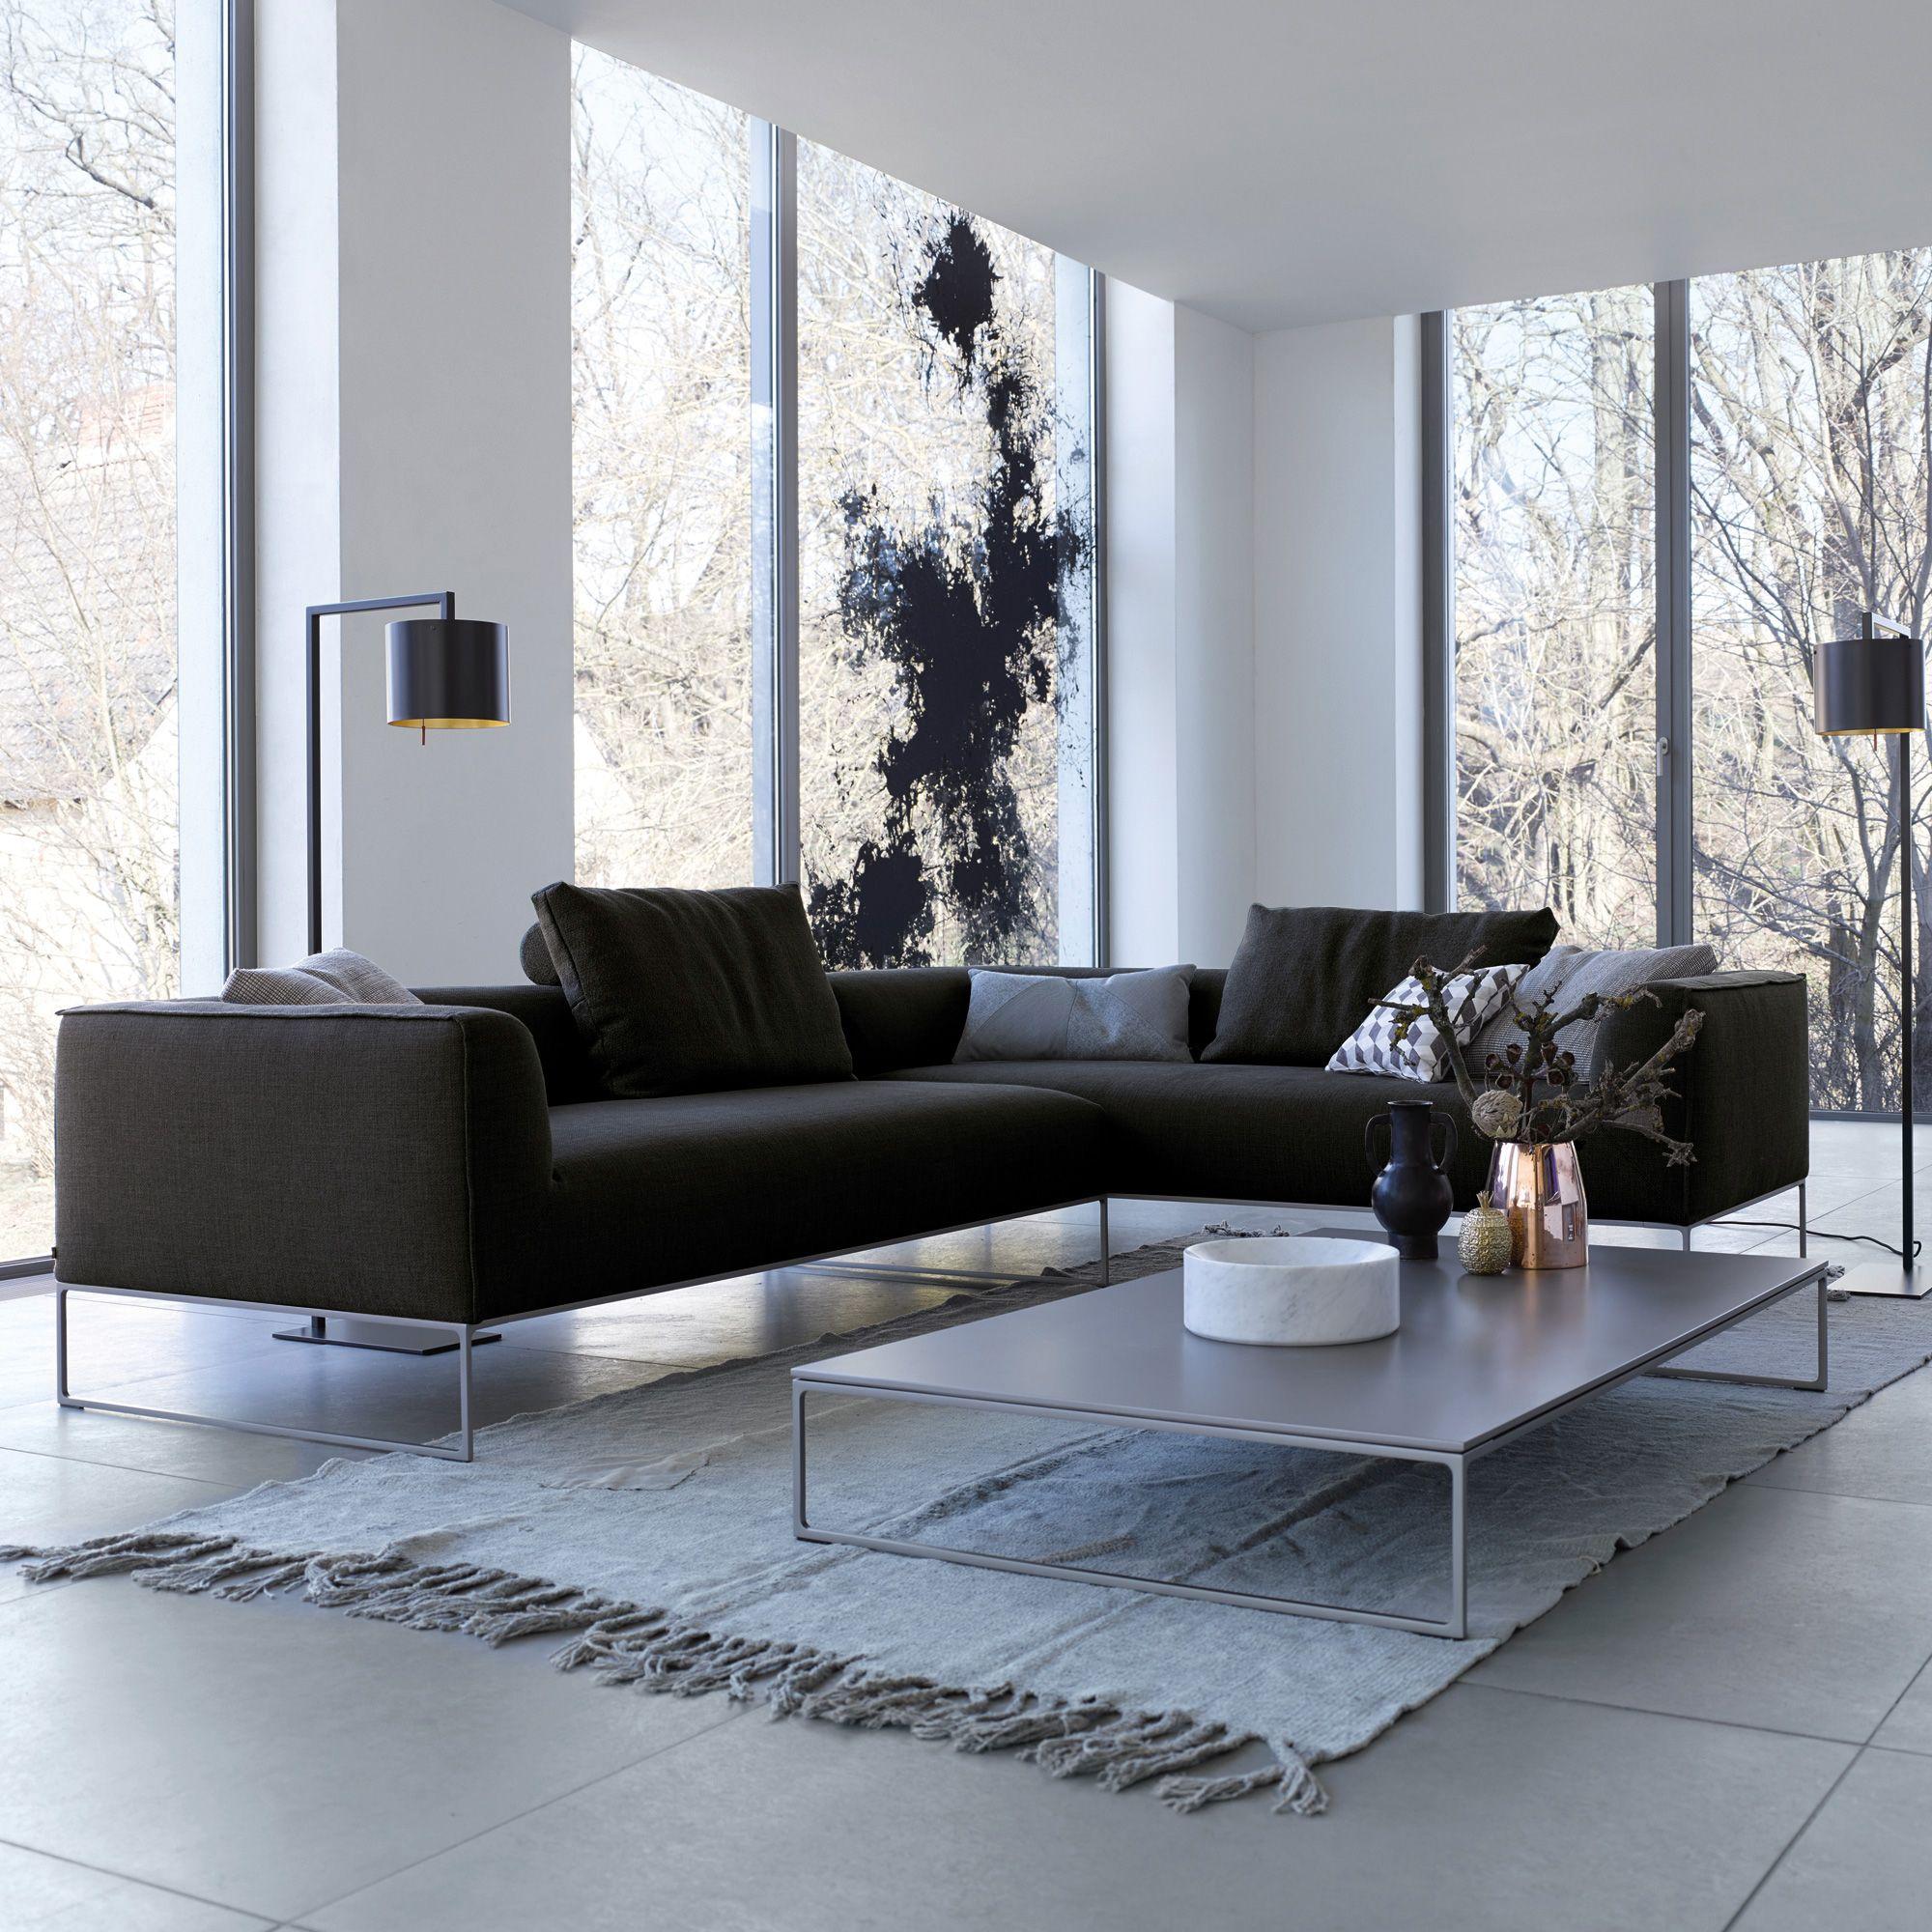 Cor Sofa Mell Ist Ein Vielseitiges Polstermöbelprogramm. Sofa Mell Hat  Viele Module Für Ihre Individuelle Sitzlandschaft.